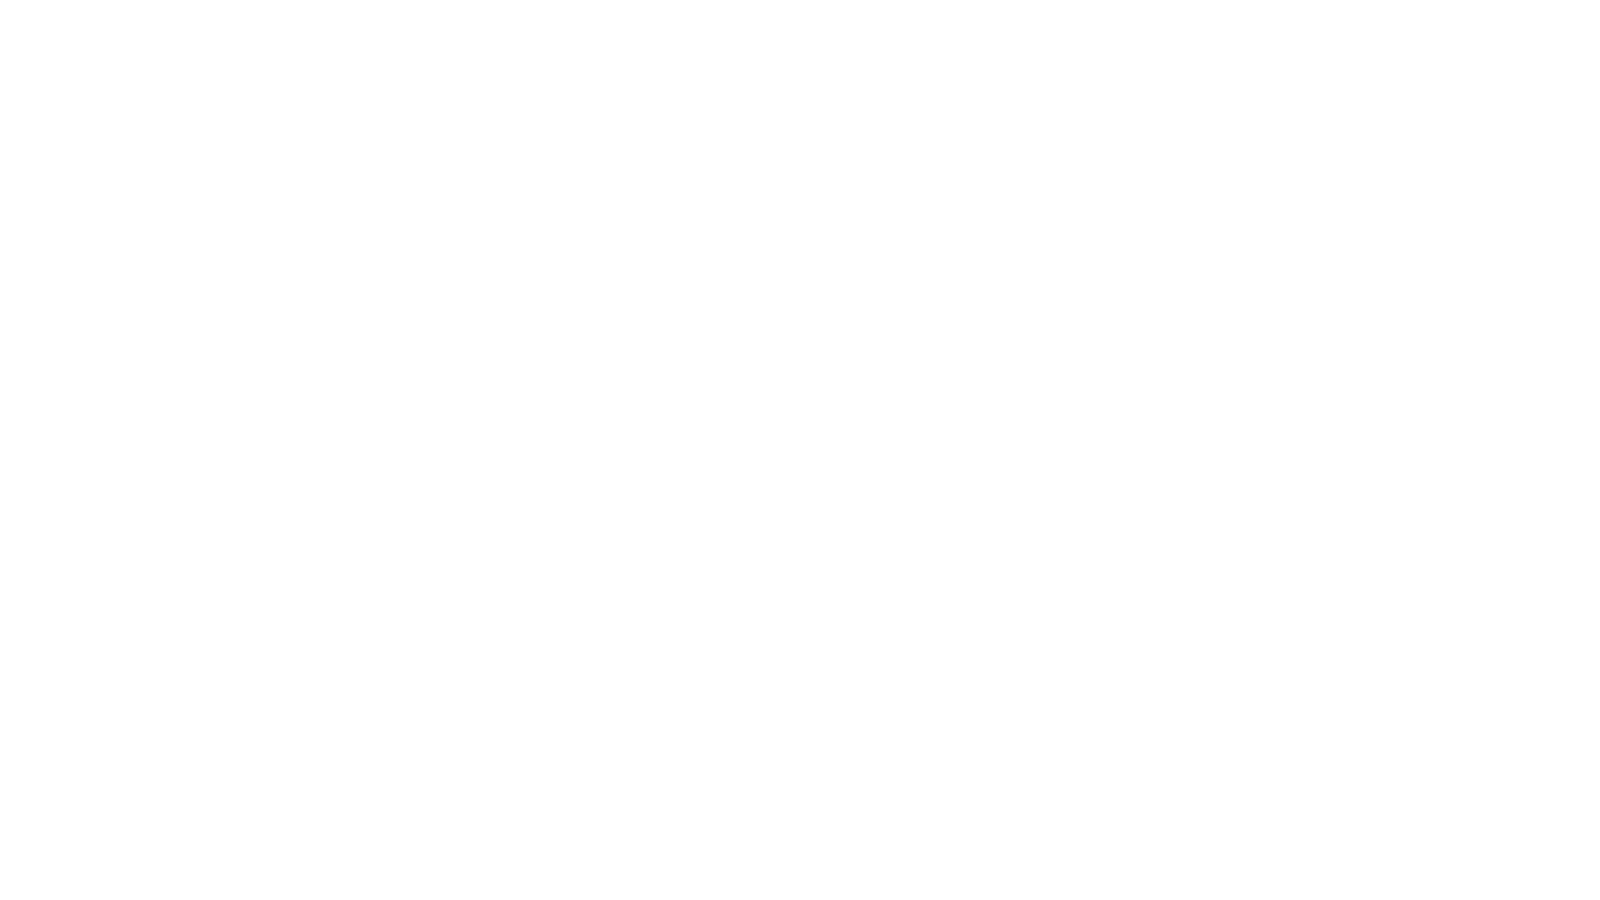 Ремонт автомобильной дороги в Самарской области Клявлино-Шентала  2021 г. Дорожно-строительная организация ООО «АВС»